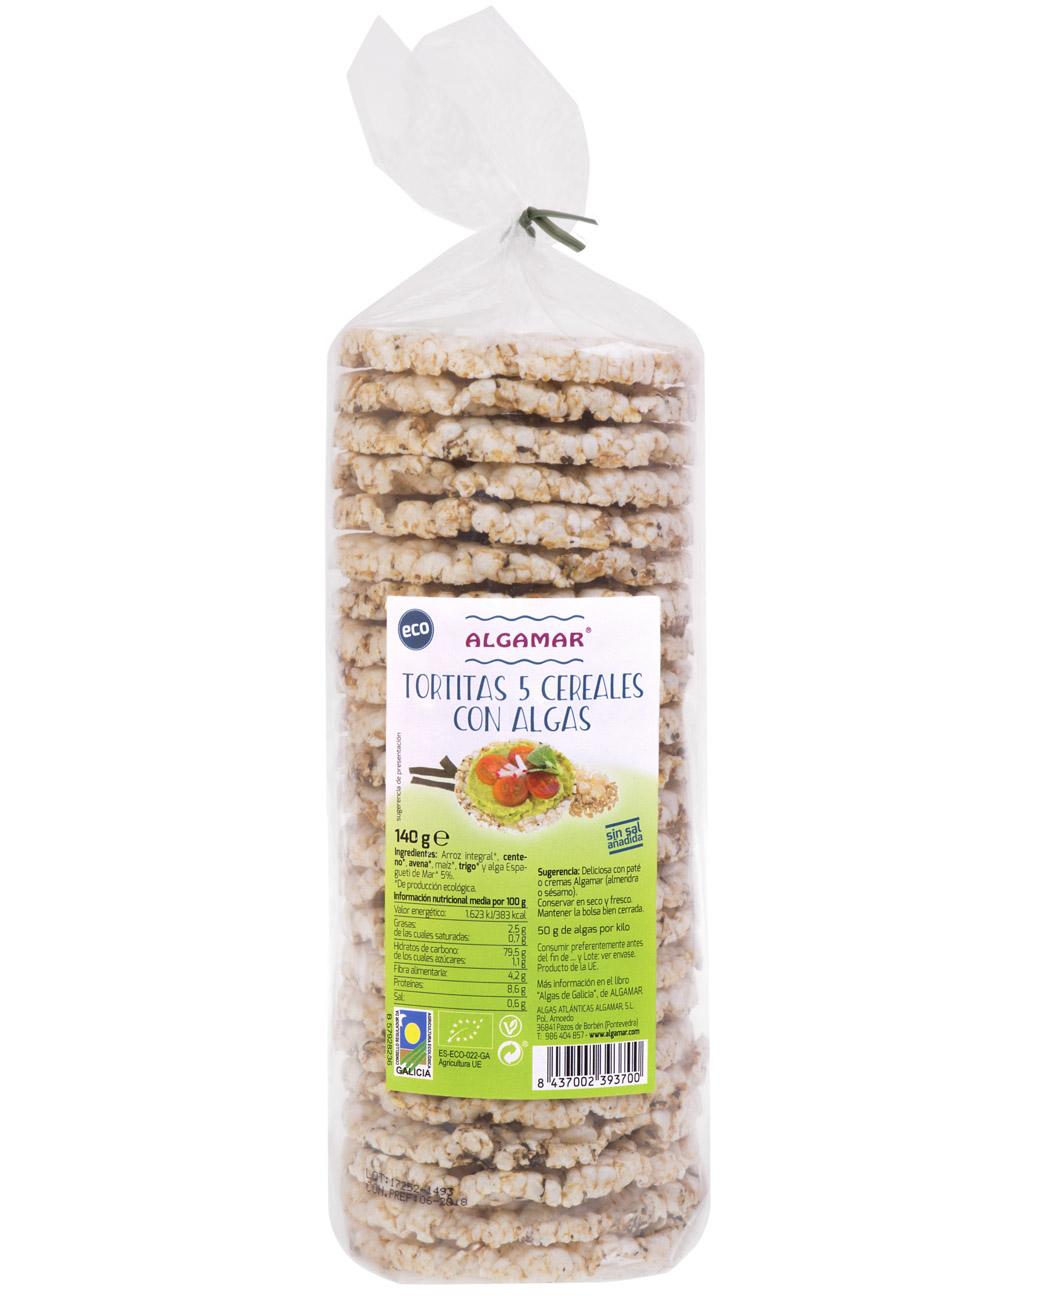 19-algamar-tortitas-5-cereales-y-algas-140g